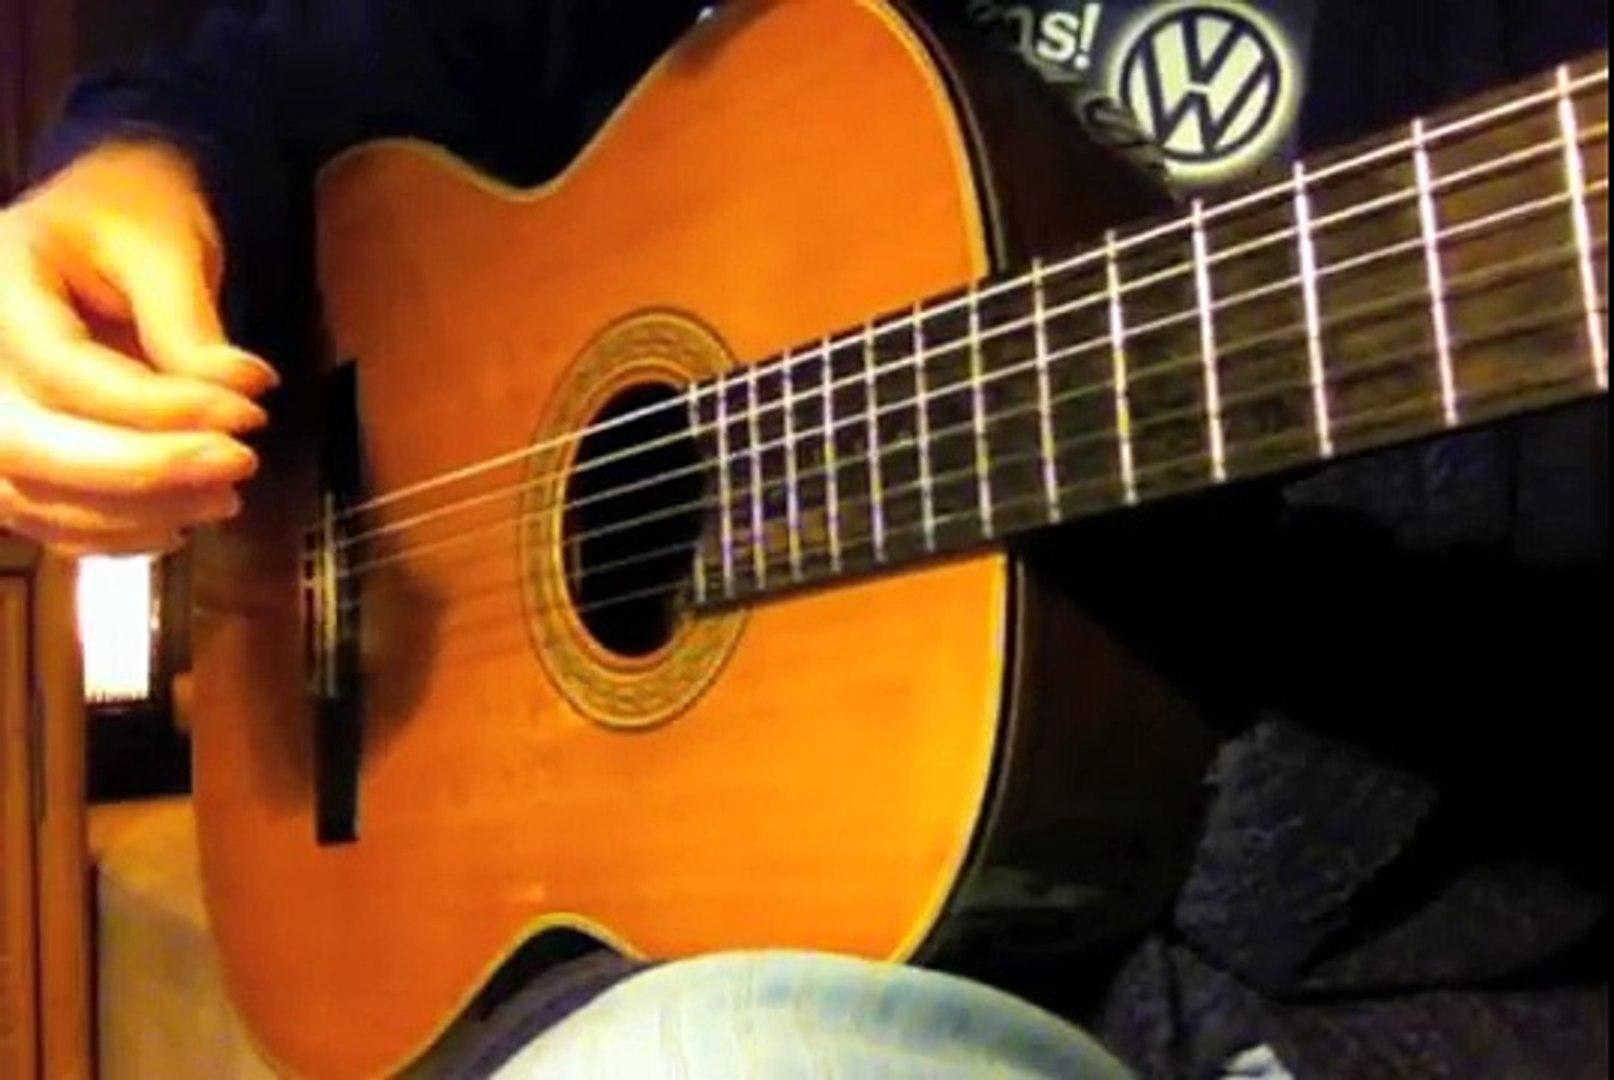 Learn How to Play Samba - Guitar